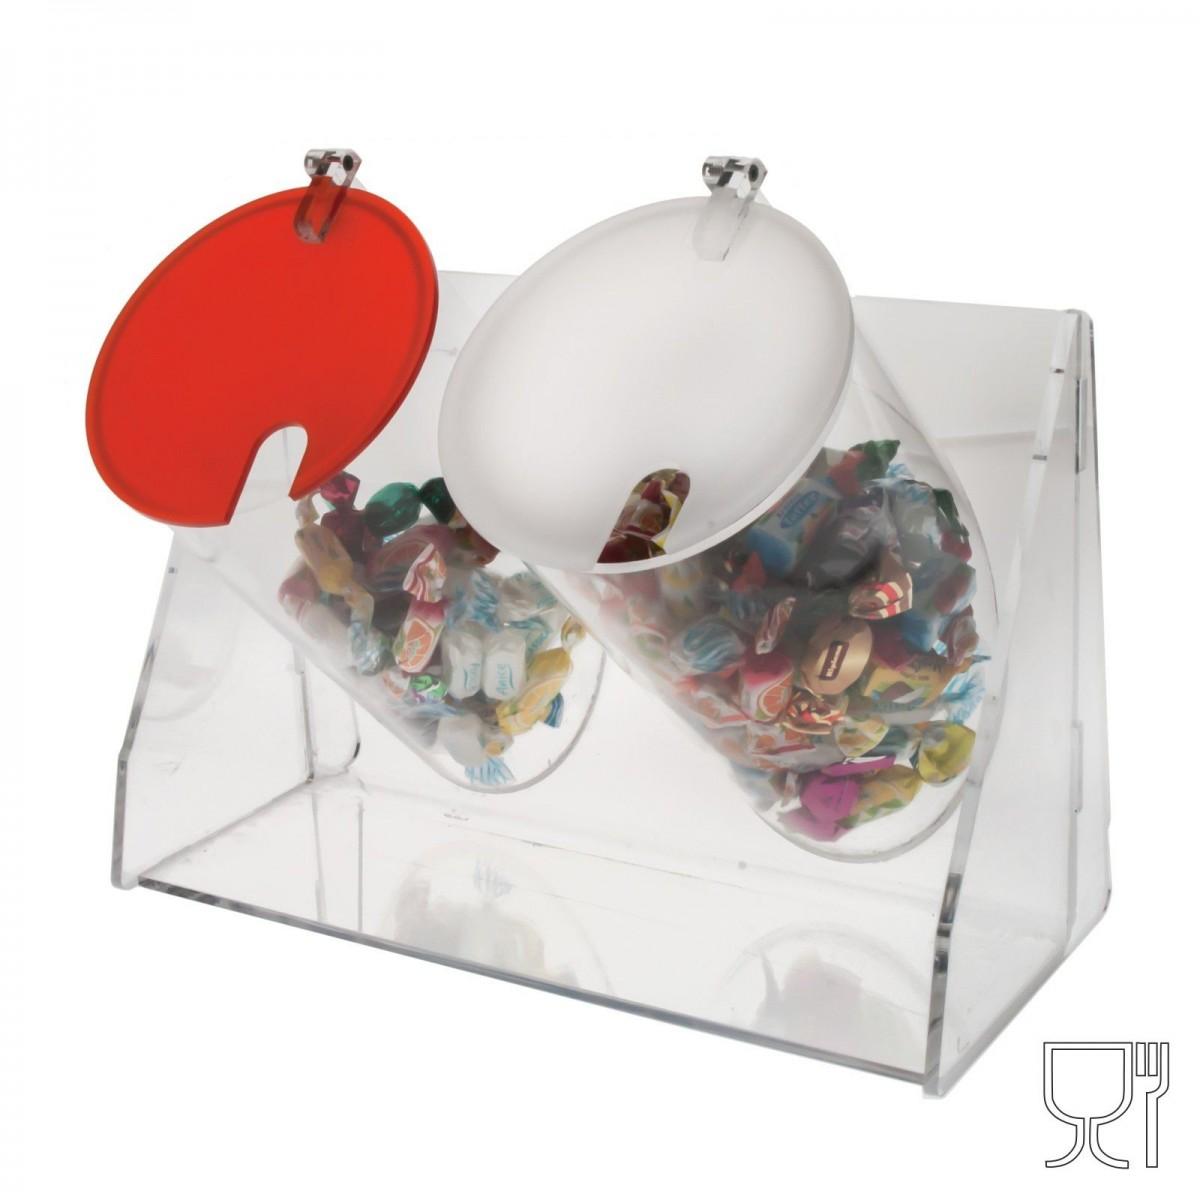 E-049 PC - Porta caramelle 2 contenitori circolari con sportello